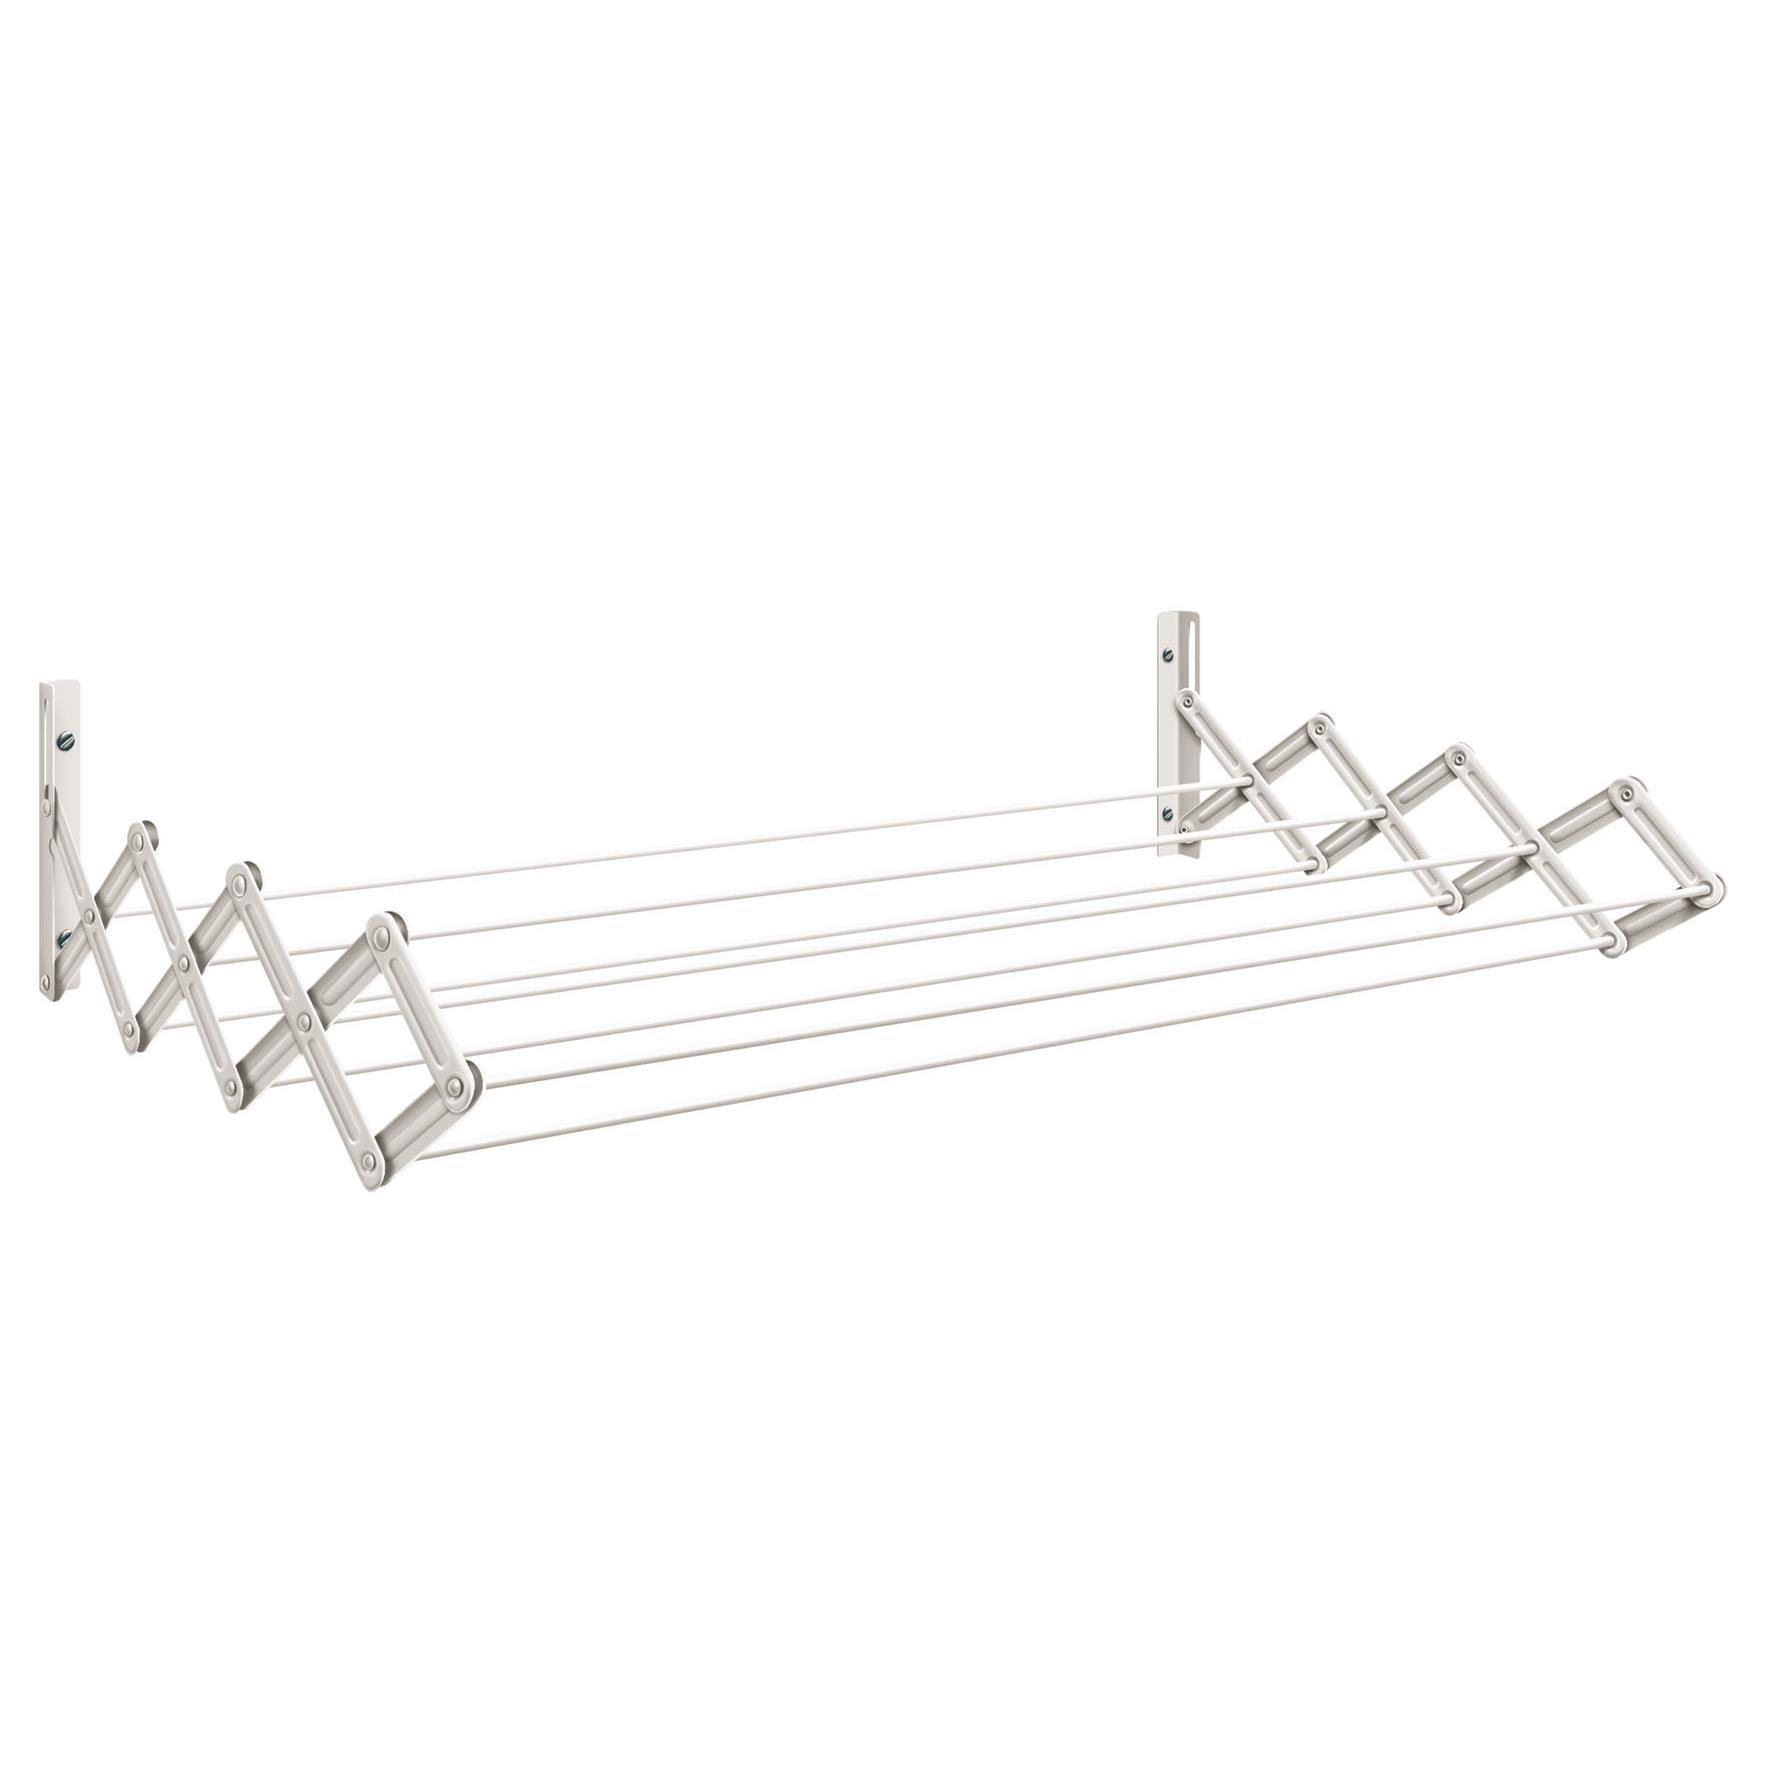 Varal de Parede Sanfonado de Aco 100x42cm Branco 21030 - Secalux